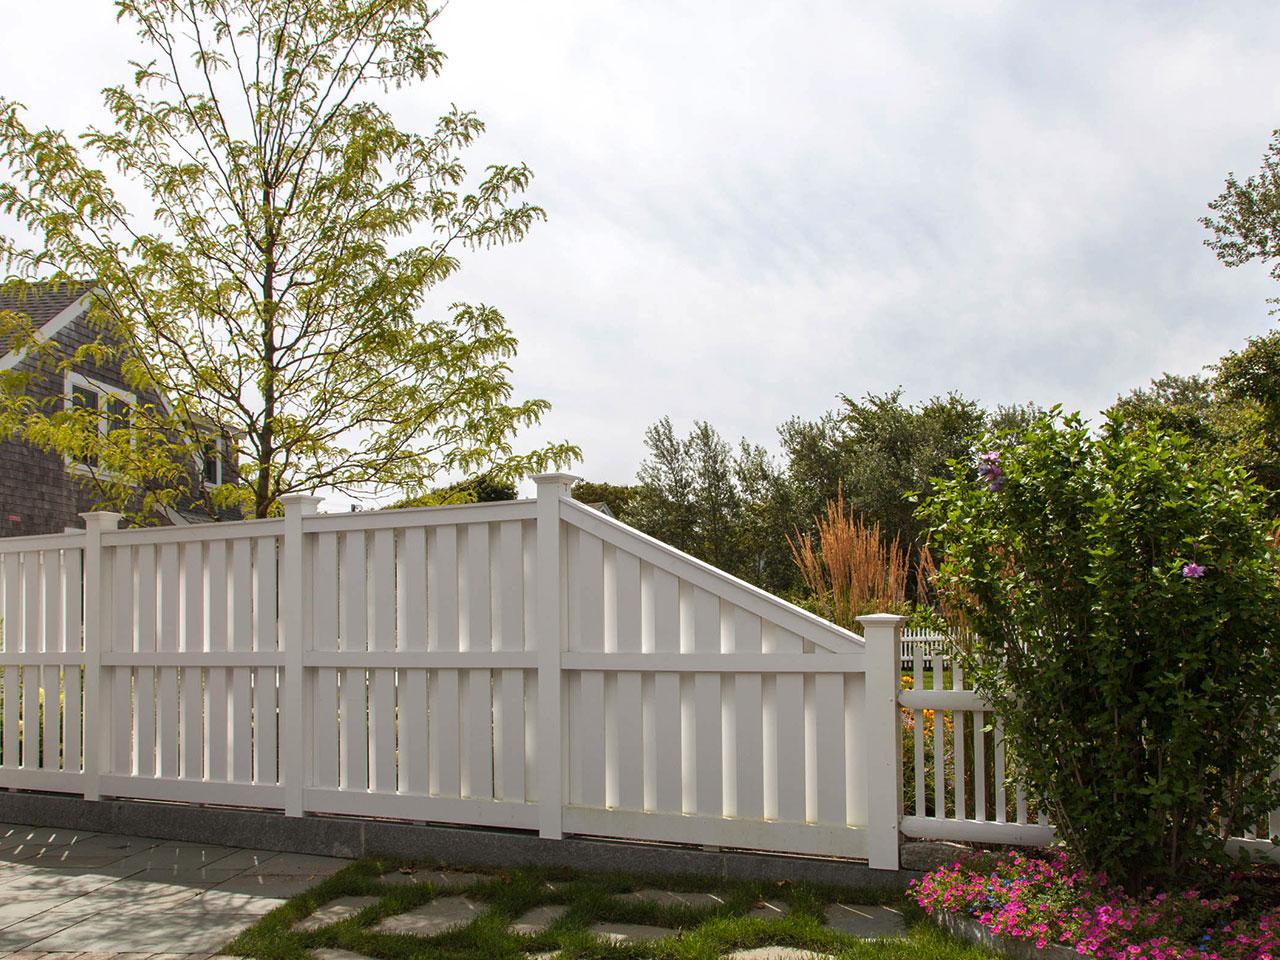 Semi Private Fence Cape Cod Fence Company